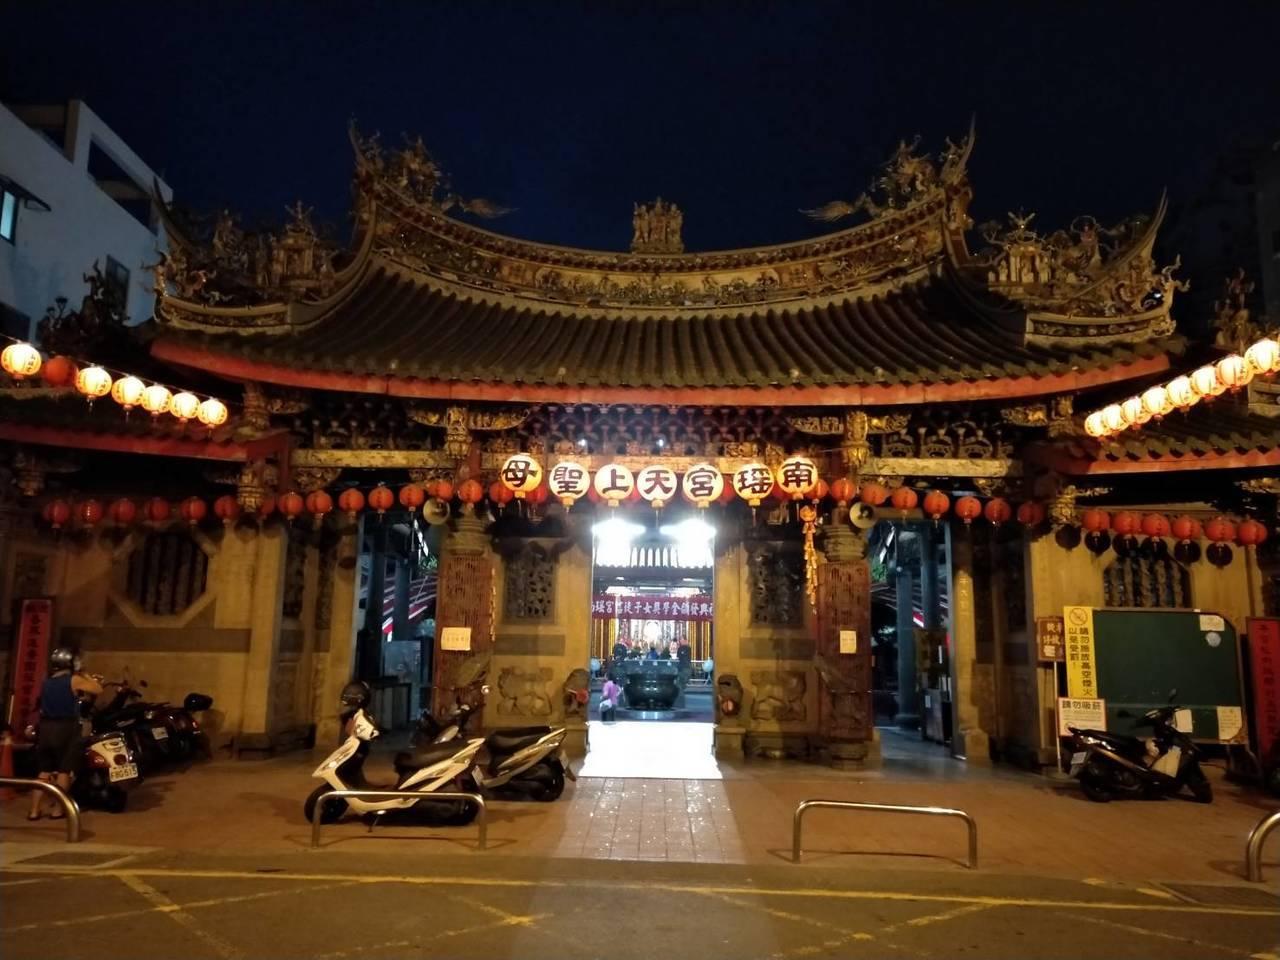 彰化市南瑤宮是市民的信仰中心,十媽會和信徒更遍及中彰投三縣市。記者何烱榮/攝影